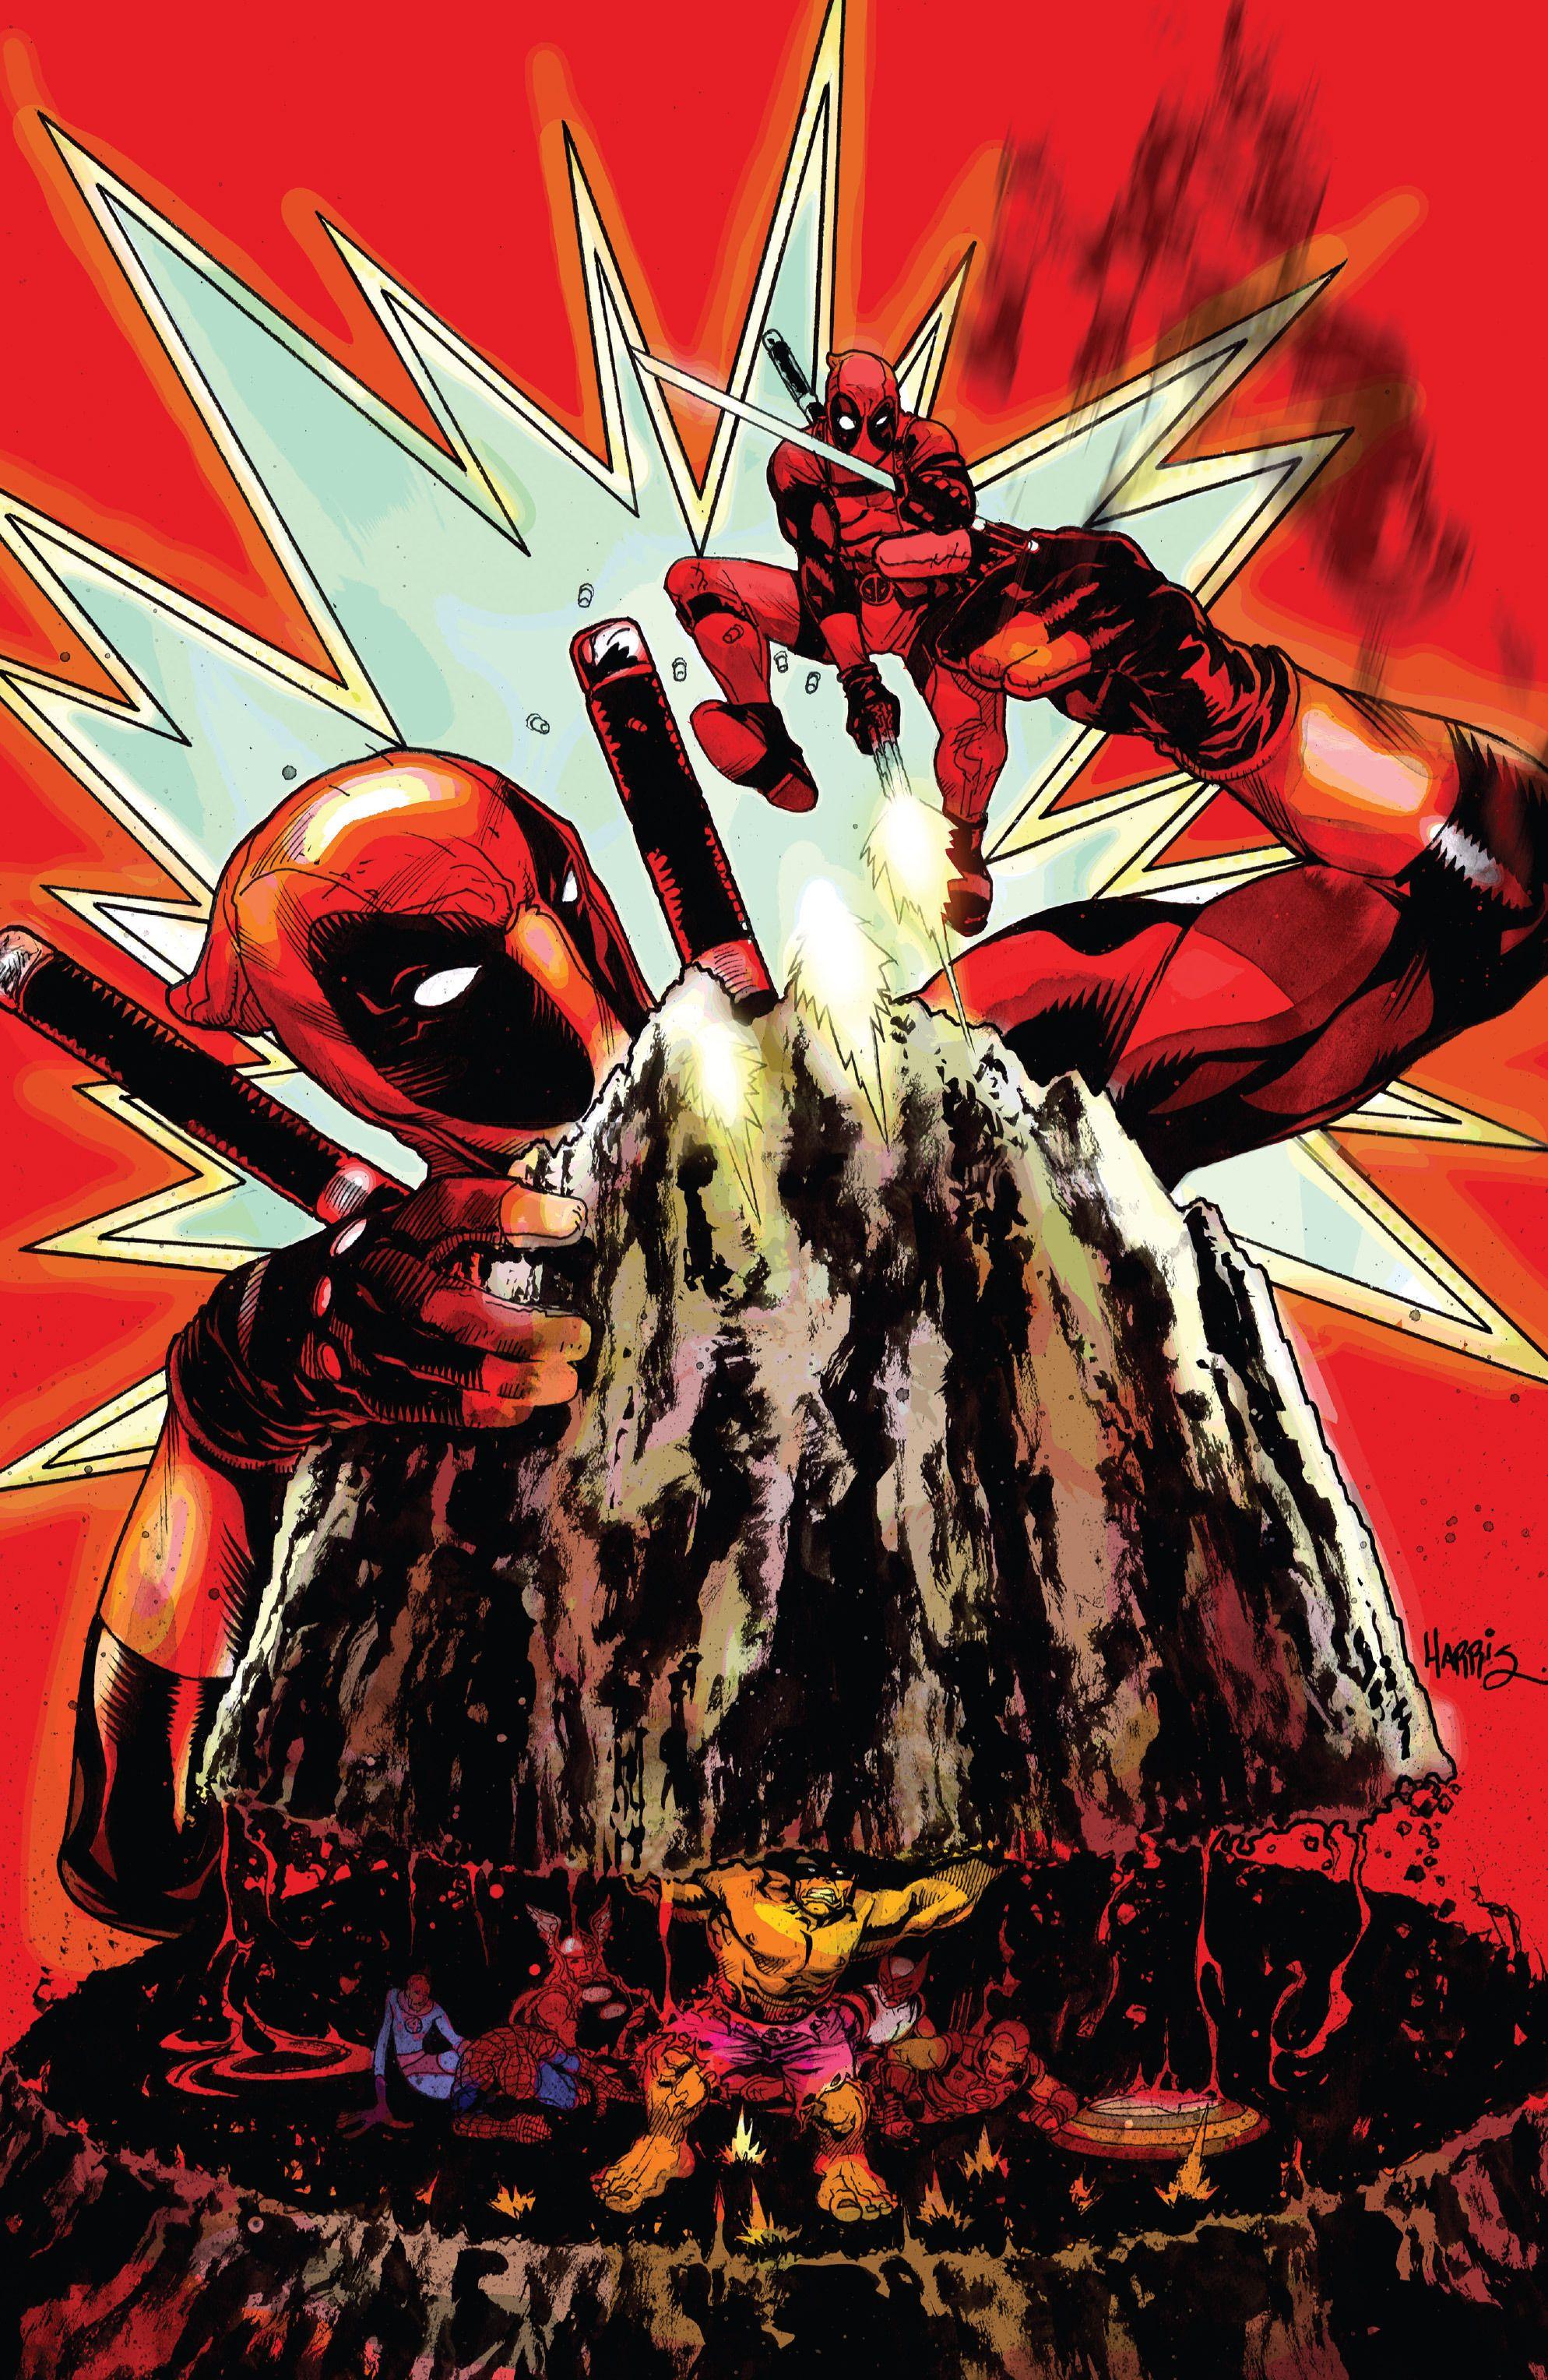 #Deadpool #Fan #Art. (Deadpool's Secret Secret Wars Vol.1 #2 Cover) By: Tony Harris. (THE * 3 * STÅR * ÅWARD OF: AW YEAH, IT'S MAJOR ÅWESOMENESS!!!™) [THANK U 4 PINNING!!!<·><]<©>ÅÅÅ+(OB4E)